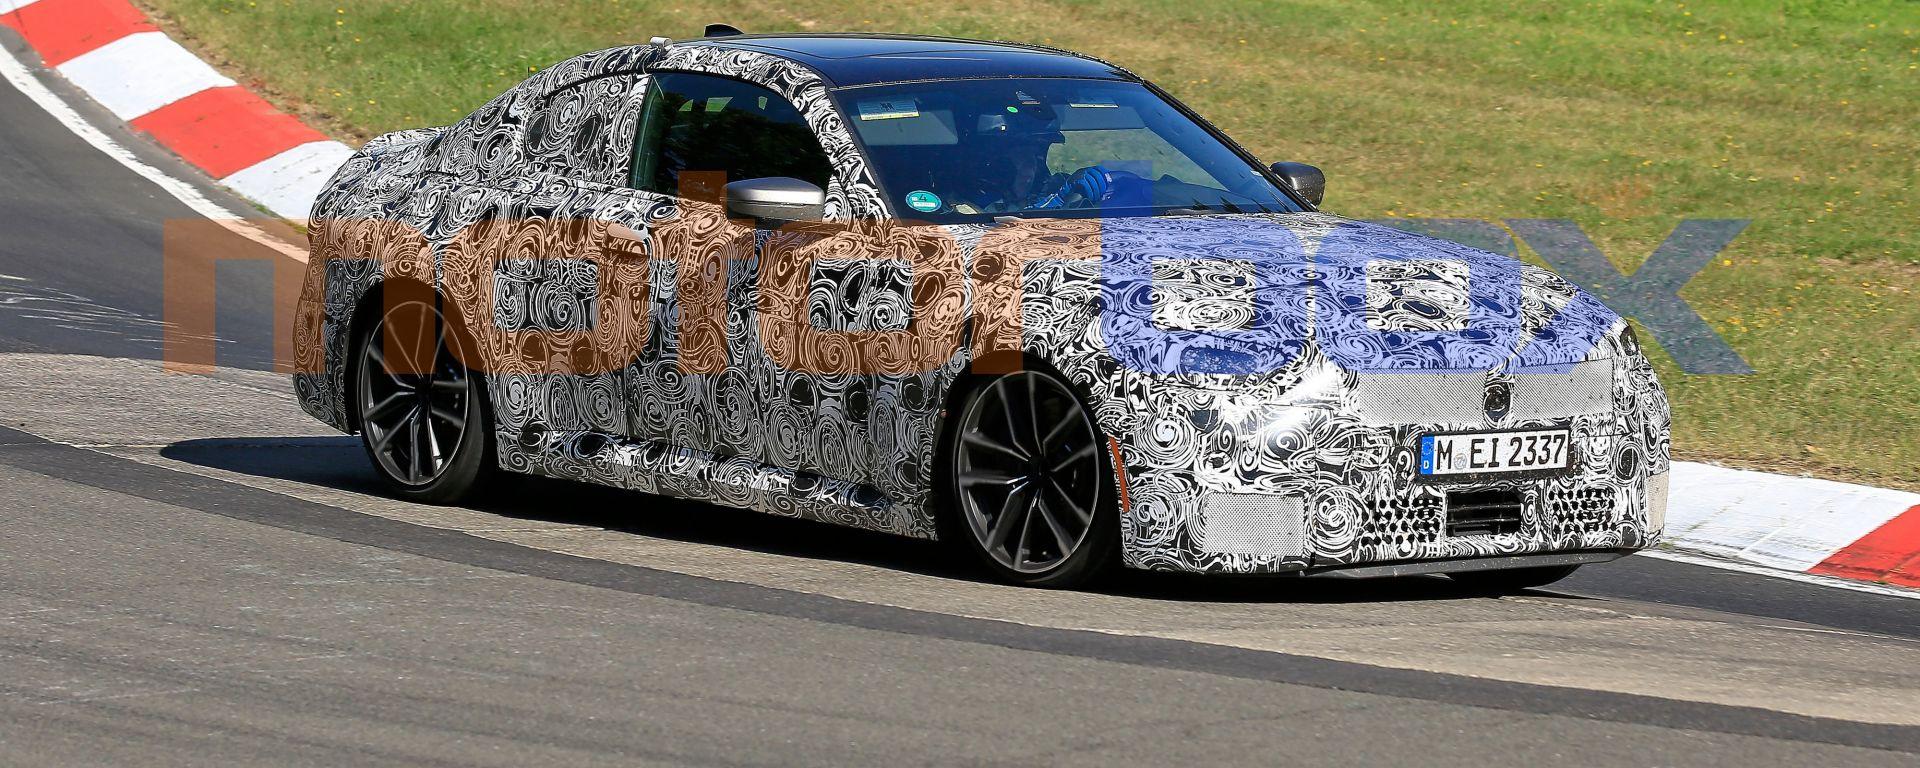 Nuova BMW Seri 2 Coupé: i collaudi in pista della sportiva tedesca